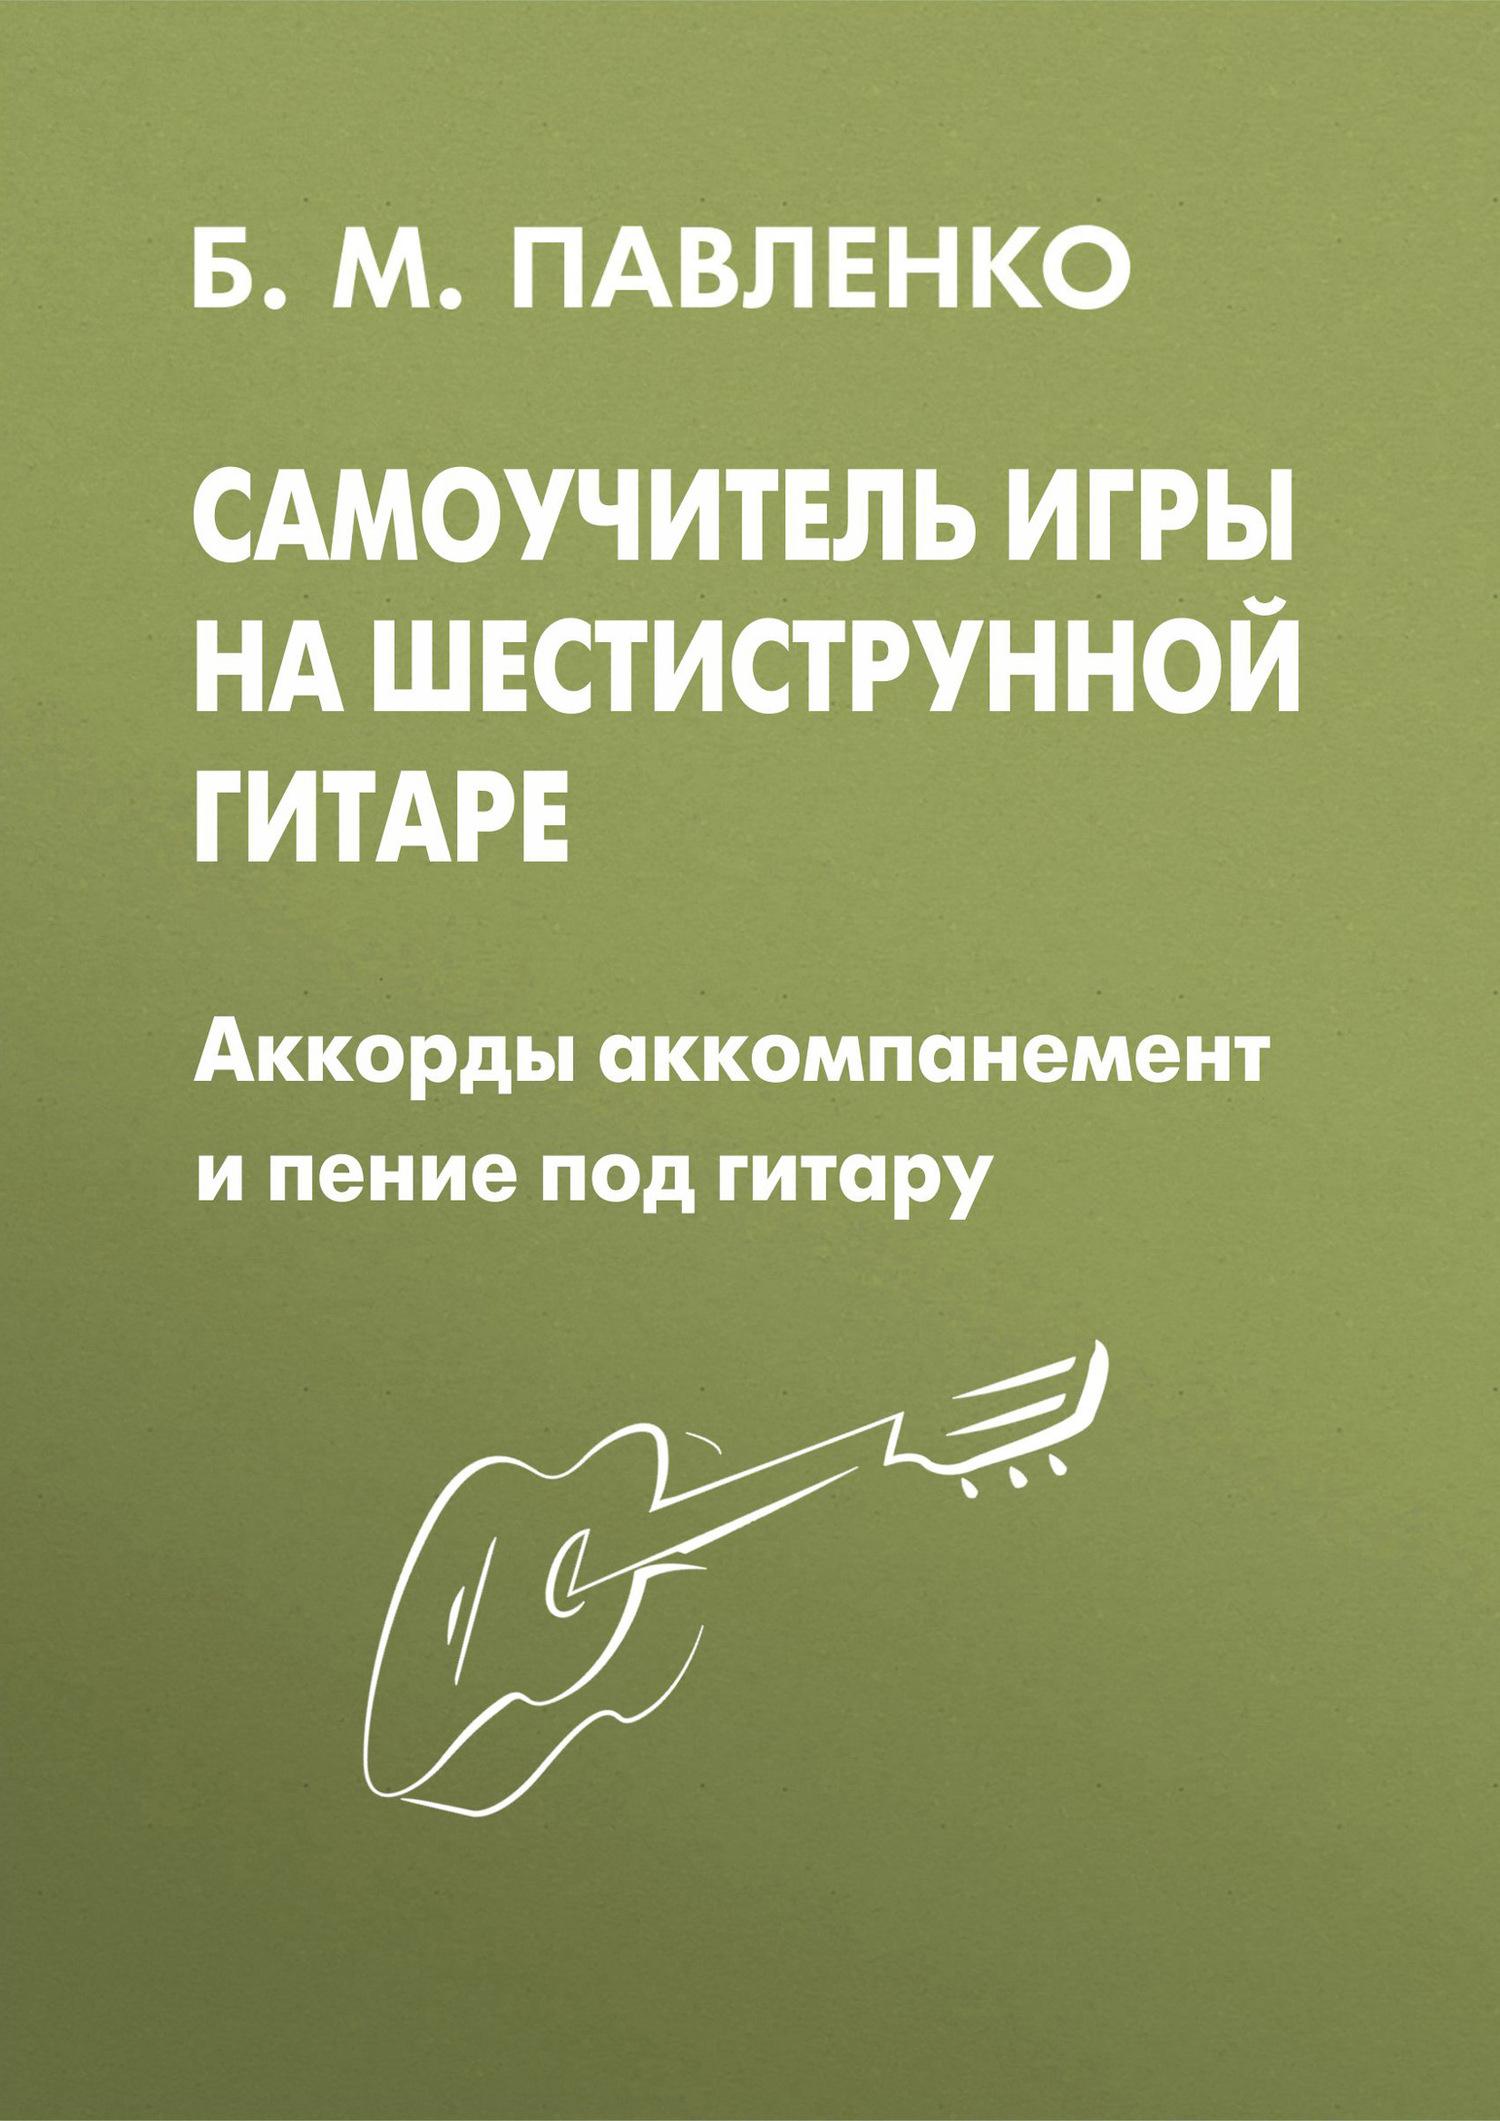 Б. М. Павленко Самоучитель игры на шестиструнной гитаре. Аккорды, аккомпанемент и пение под гитару американские струны на гитару